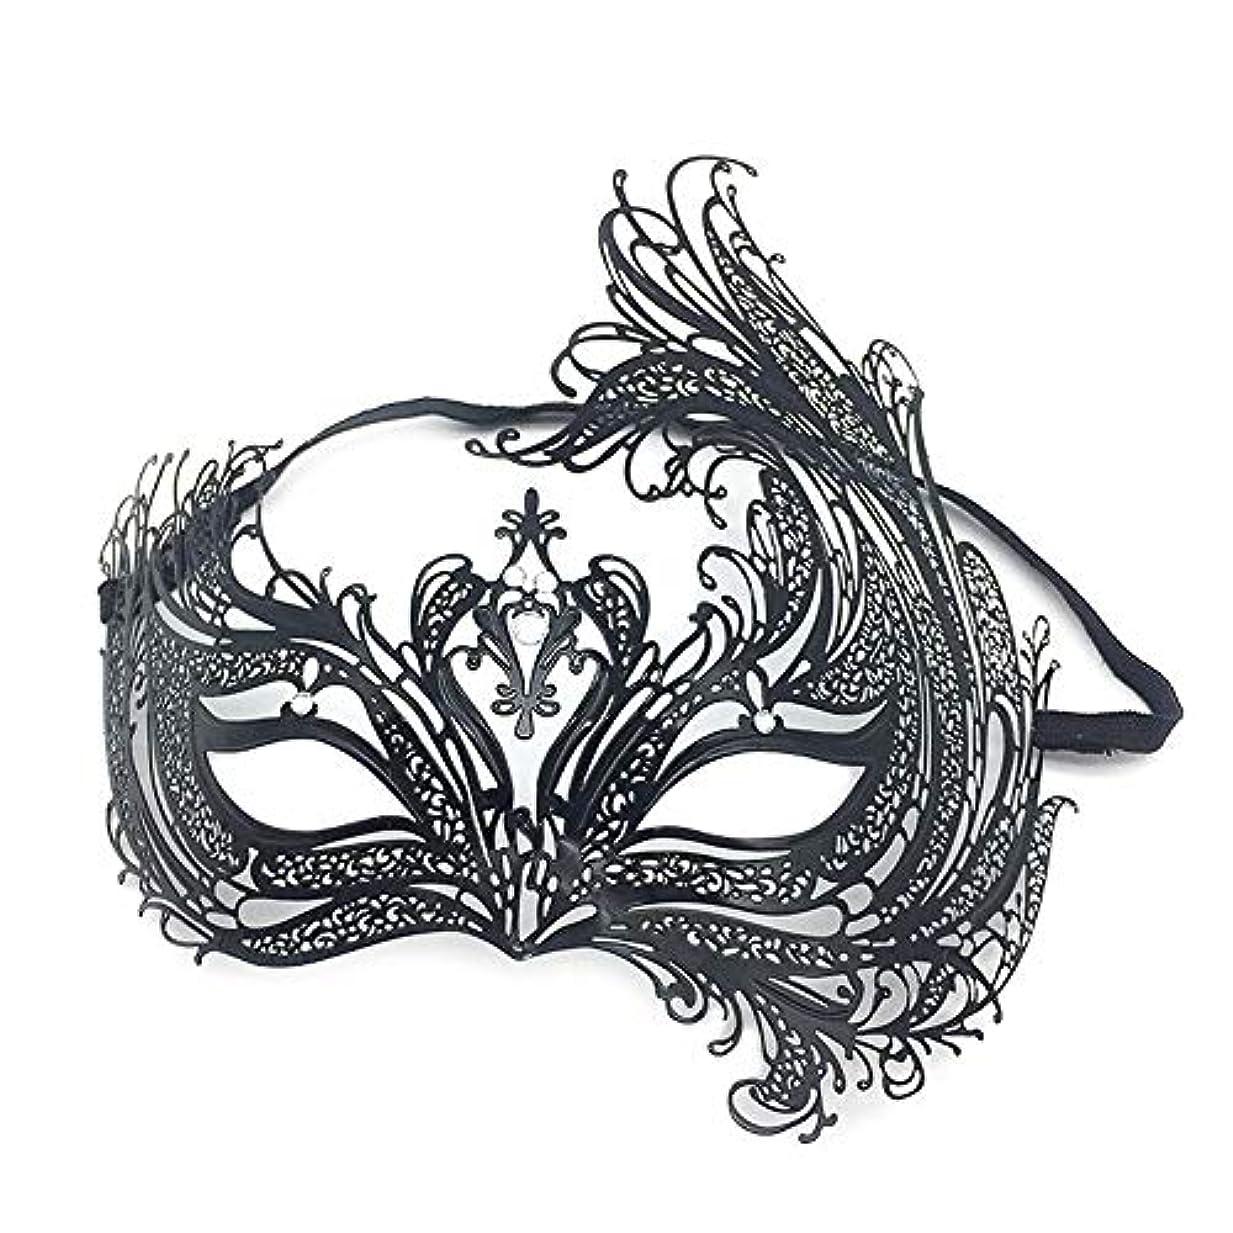 政治的より良いポゴスティックジャンプダンスマスク 仮面舞踏会パーティーブラックセクシーハーフフェイスフェニックスハロウィーンロールプレイングメタルマスクガール ホリデーパーティー用品 (色 : ブラック, サイズ : 20x19cm)